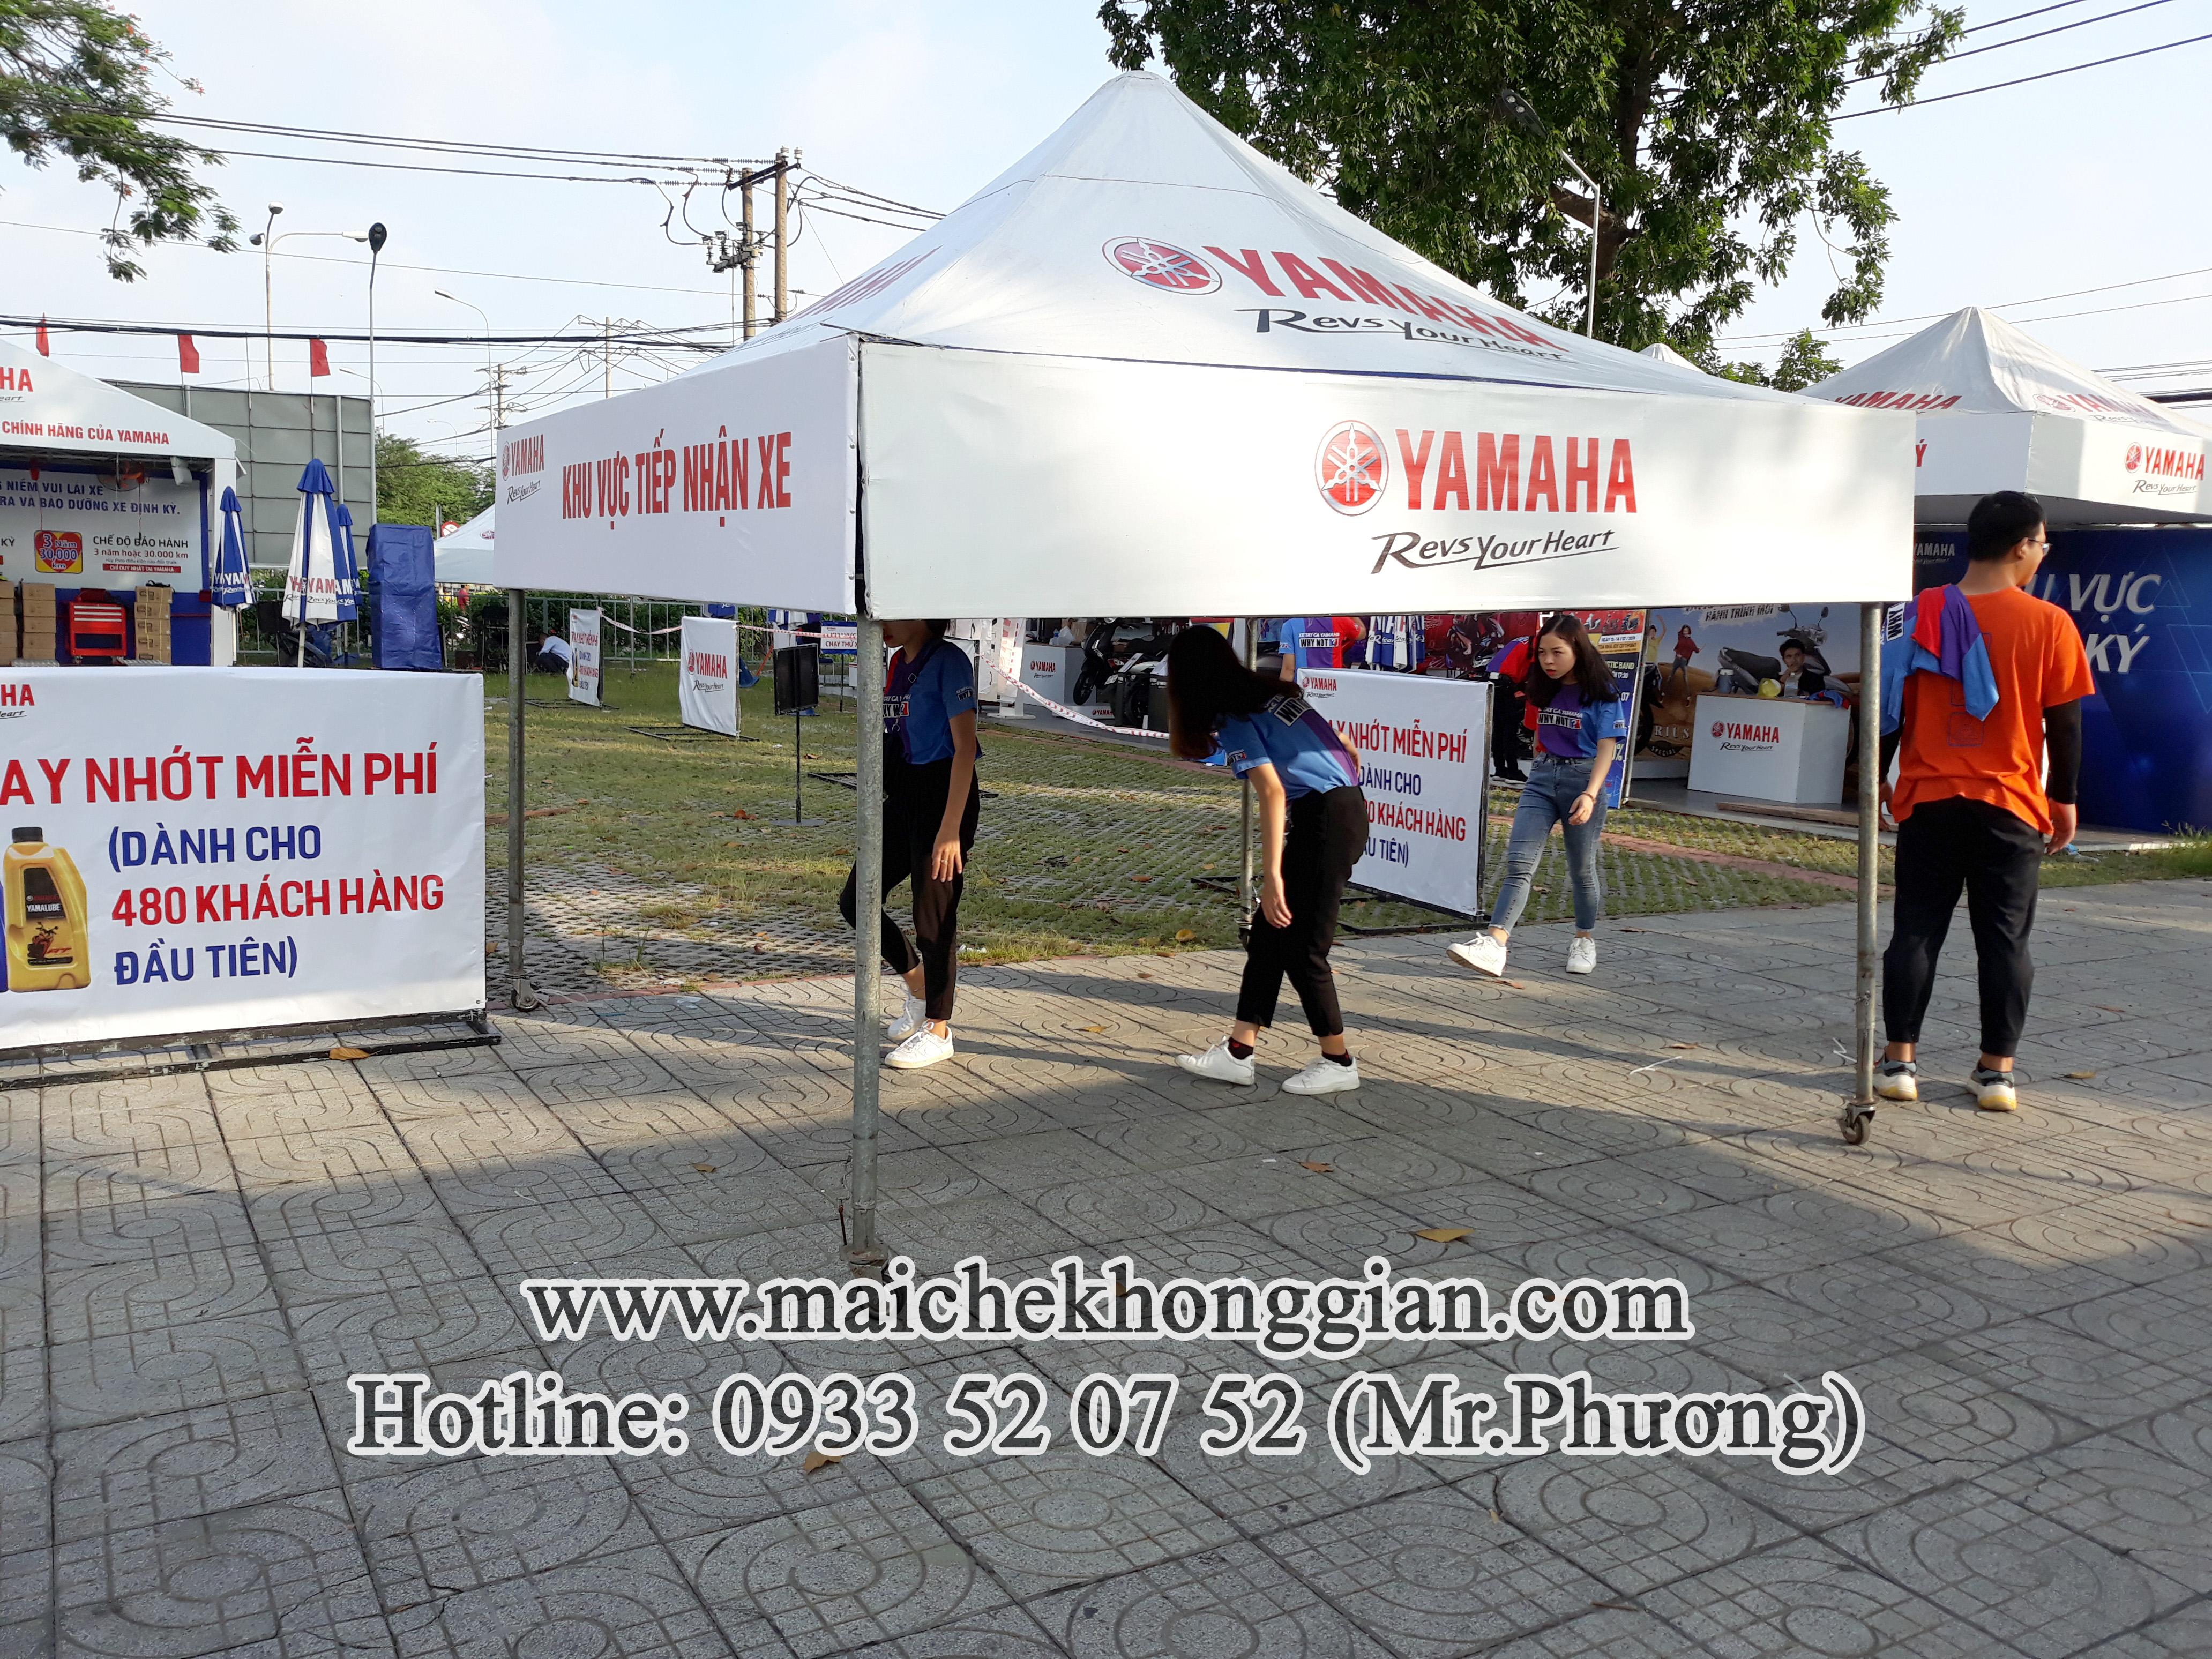 Mái che Thị xã  Vĩnh Châu Sóc Trăng